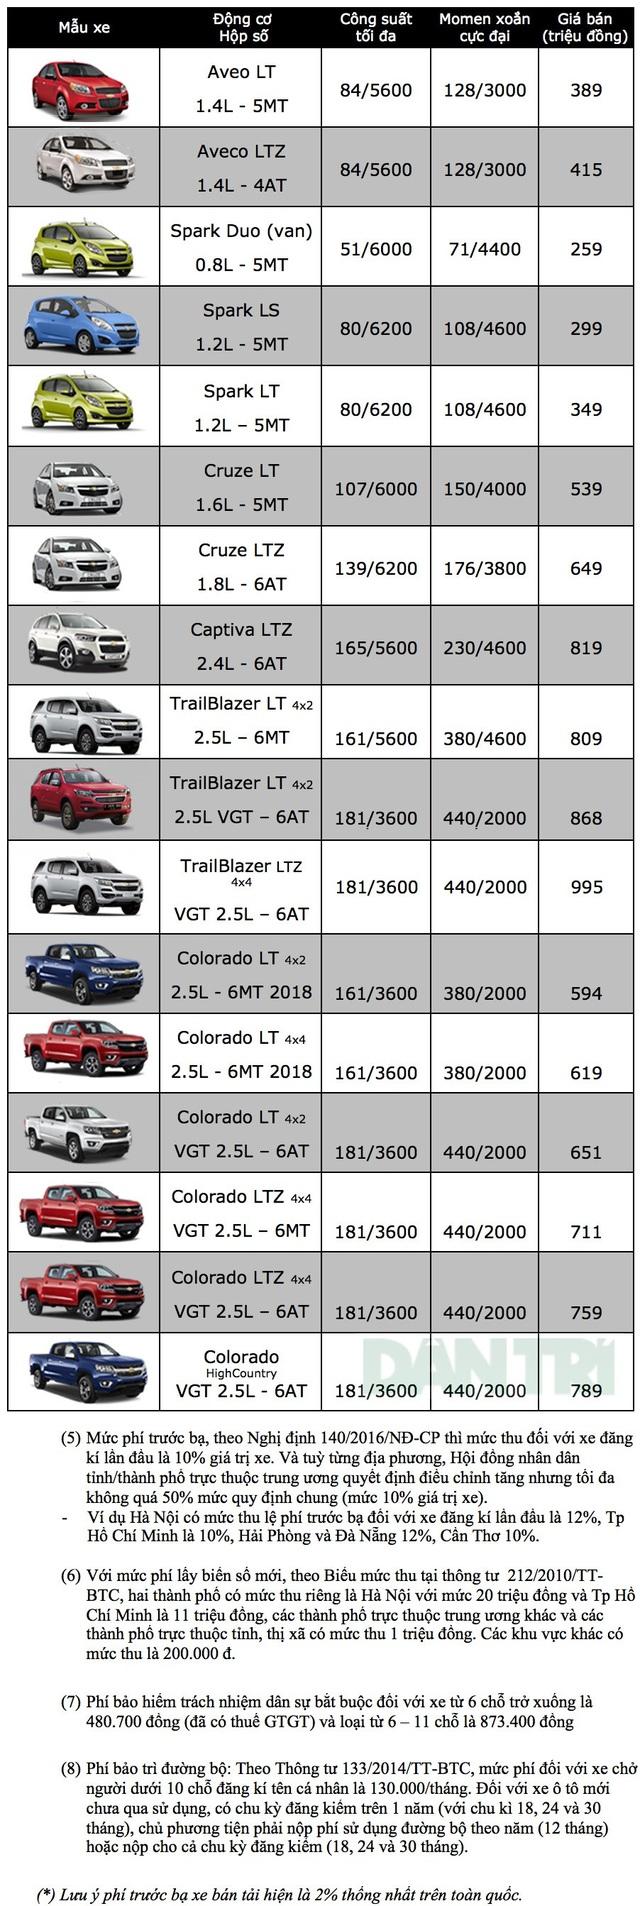 Chevrolet tiếp tục giảm giá xe, Spark Duo chỉ còn 259 triệu đồng - 2